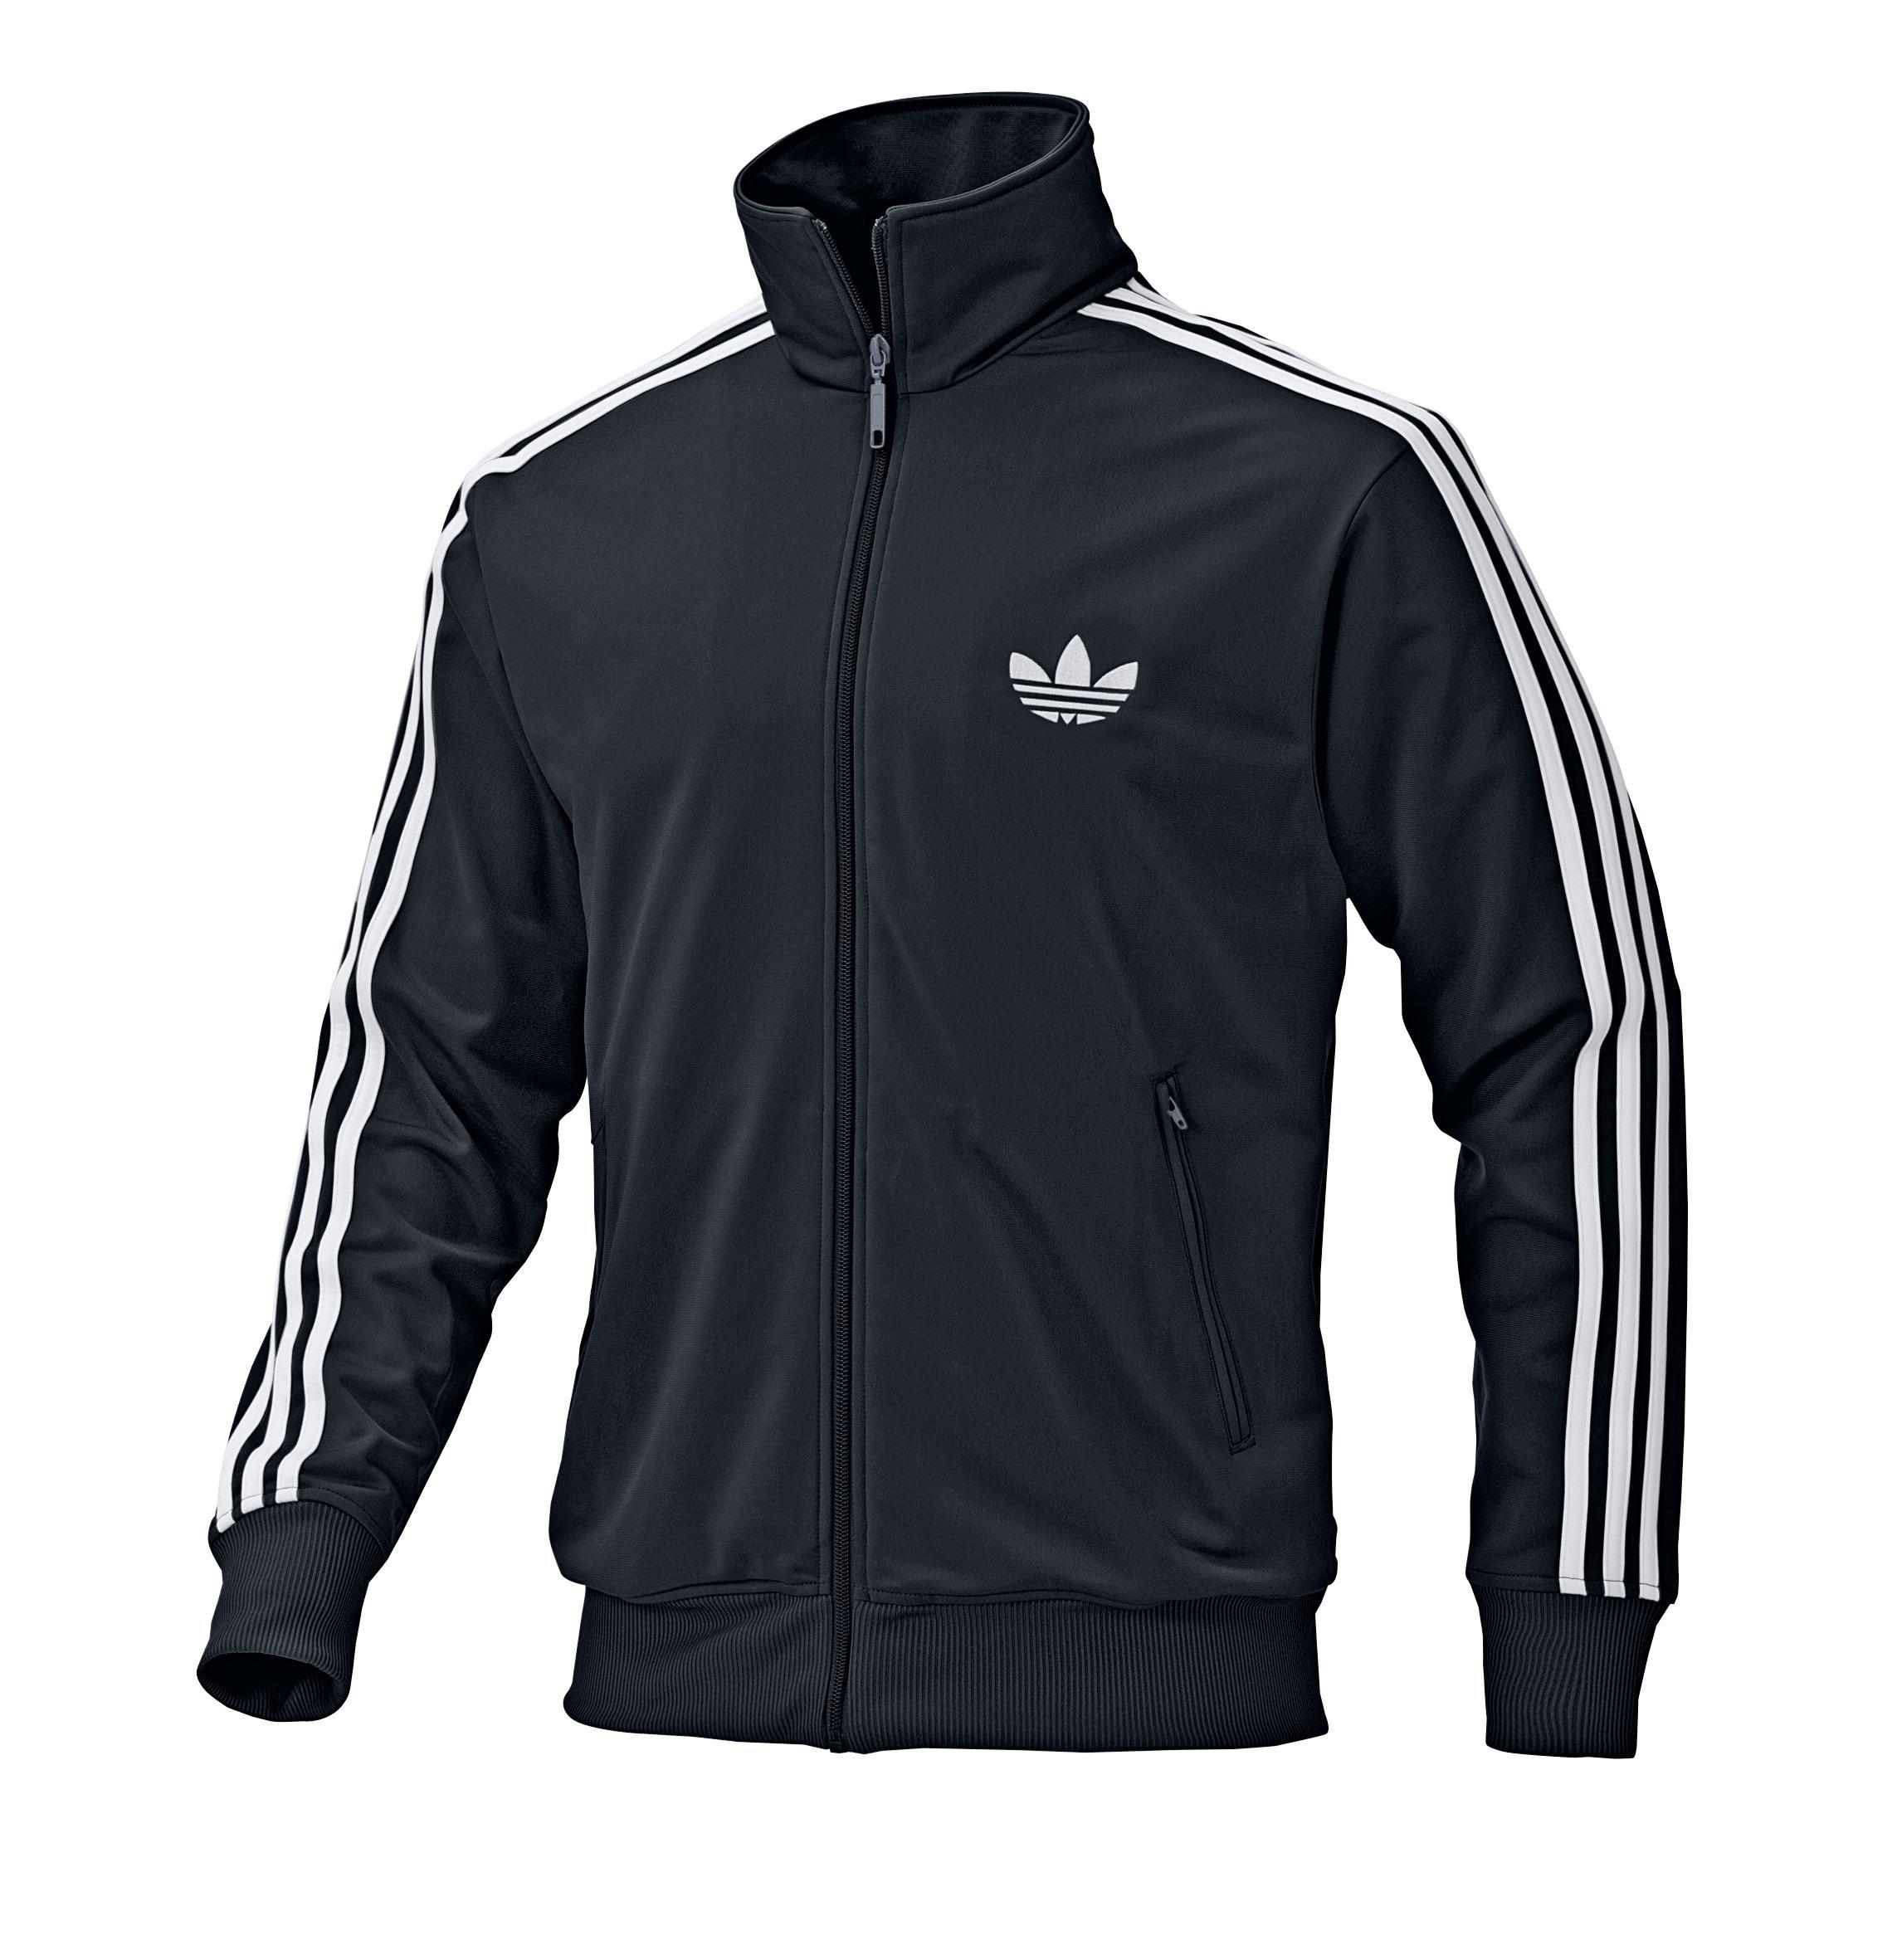 Adidas jacke firebird herren schwarz